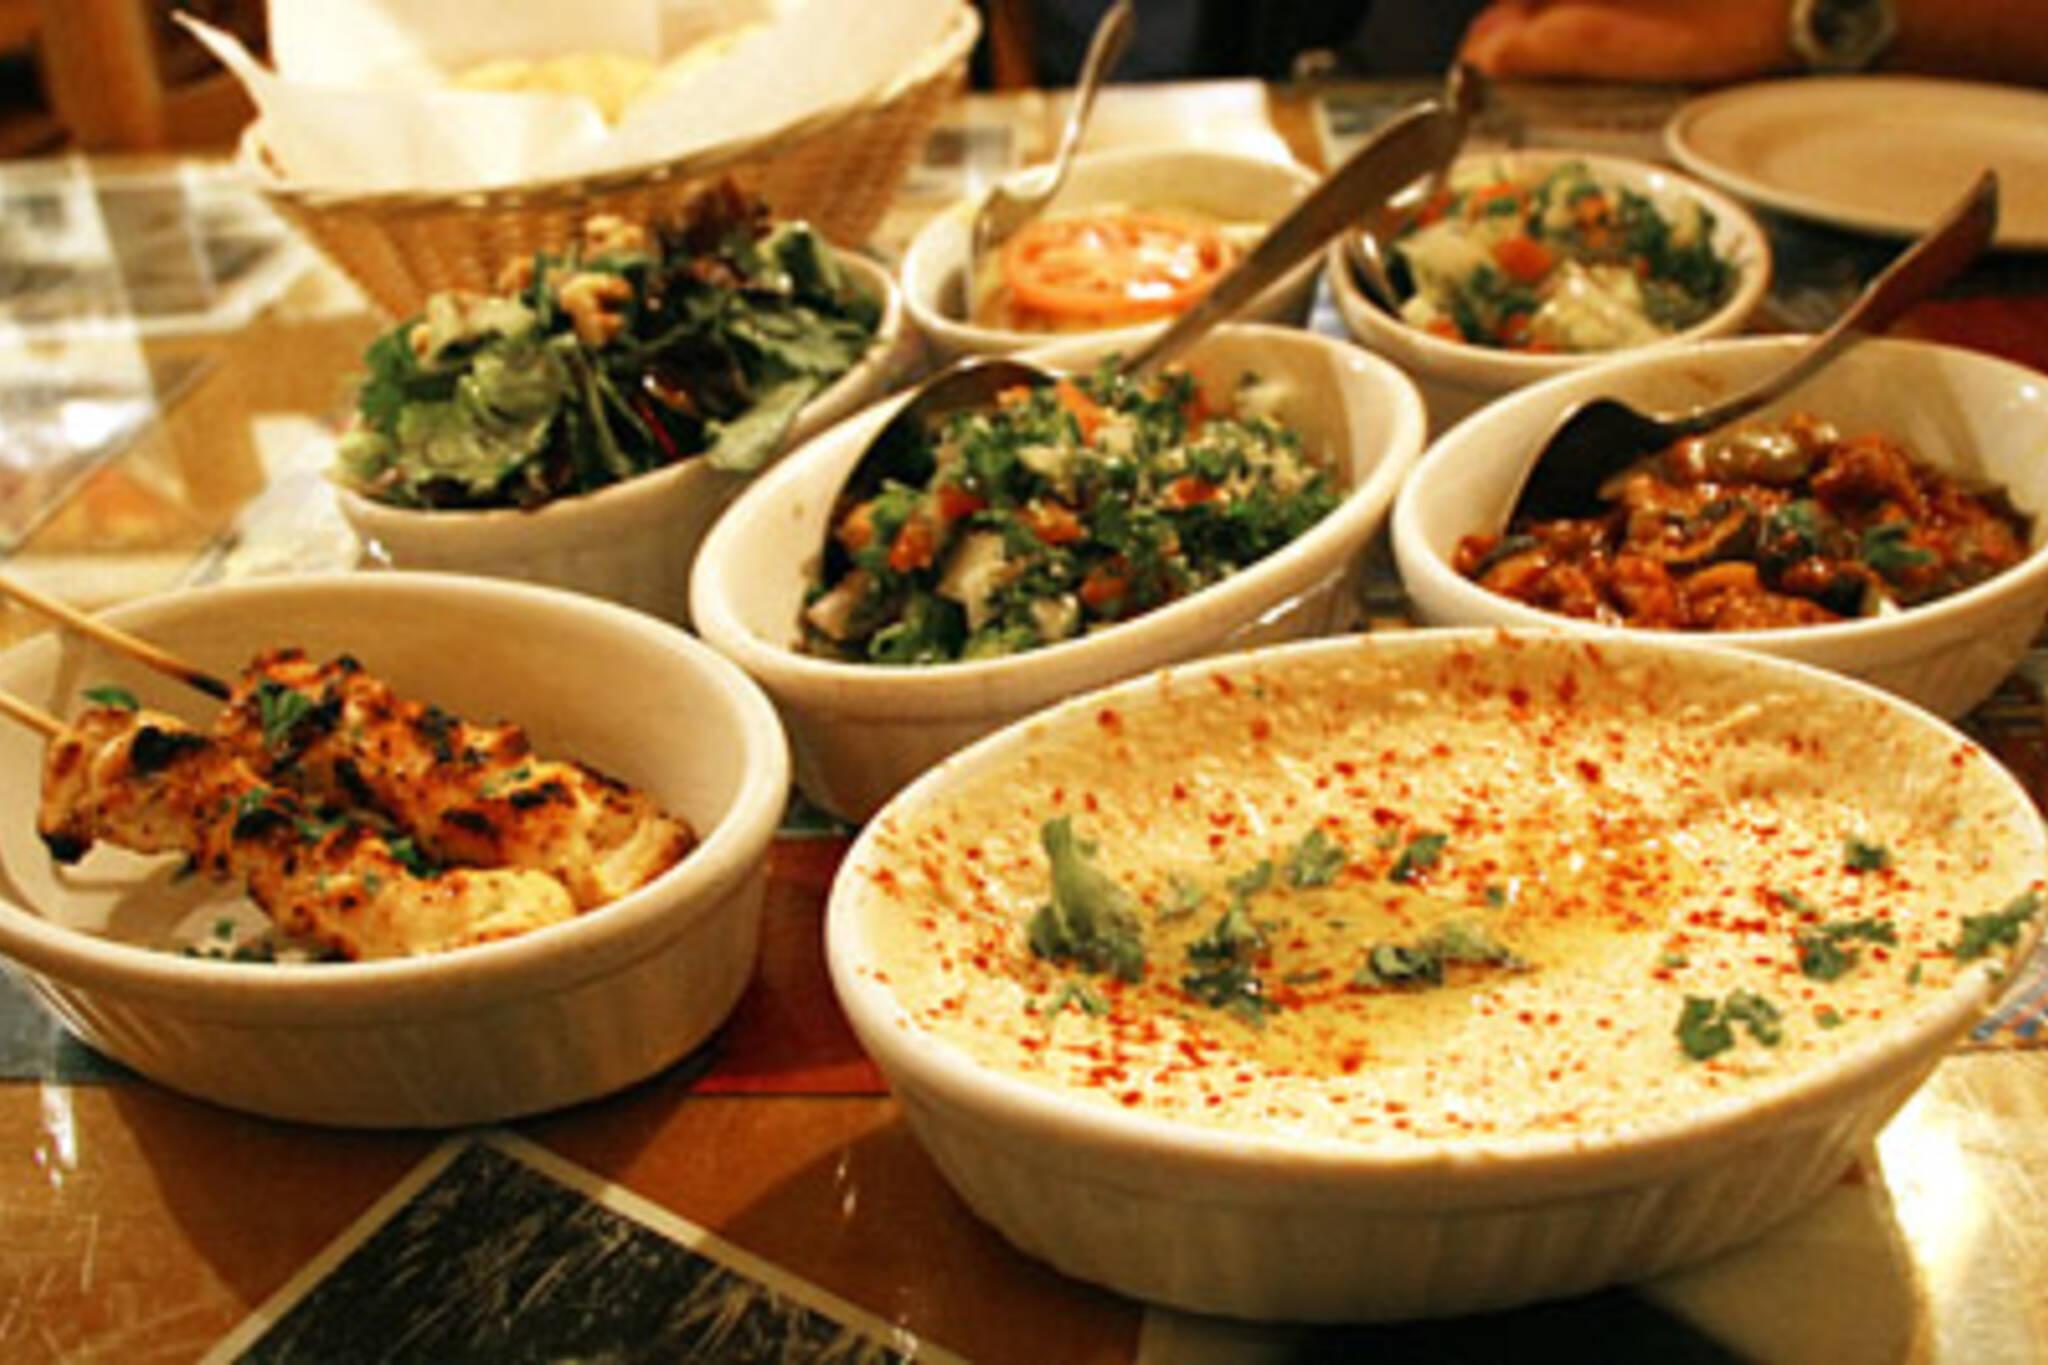 The spread at Mezzetta